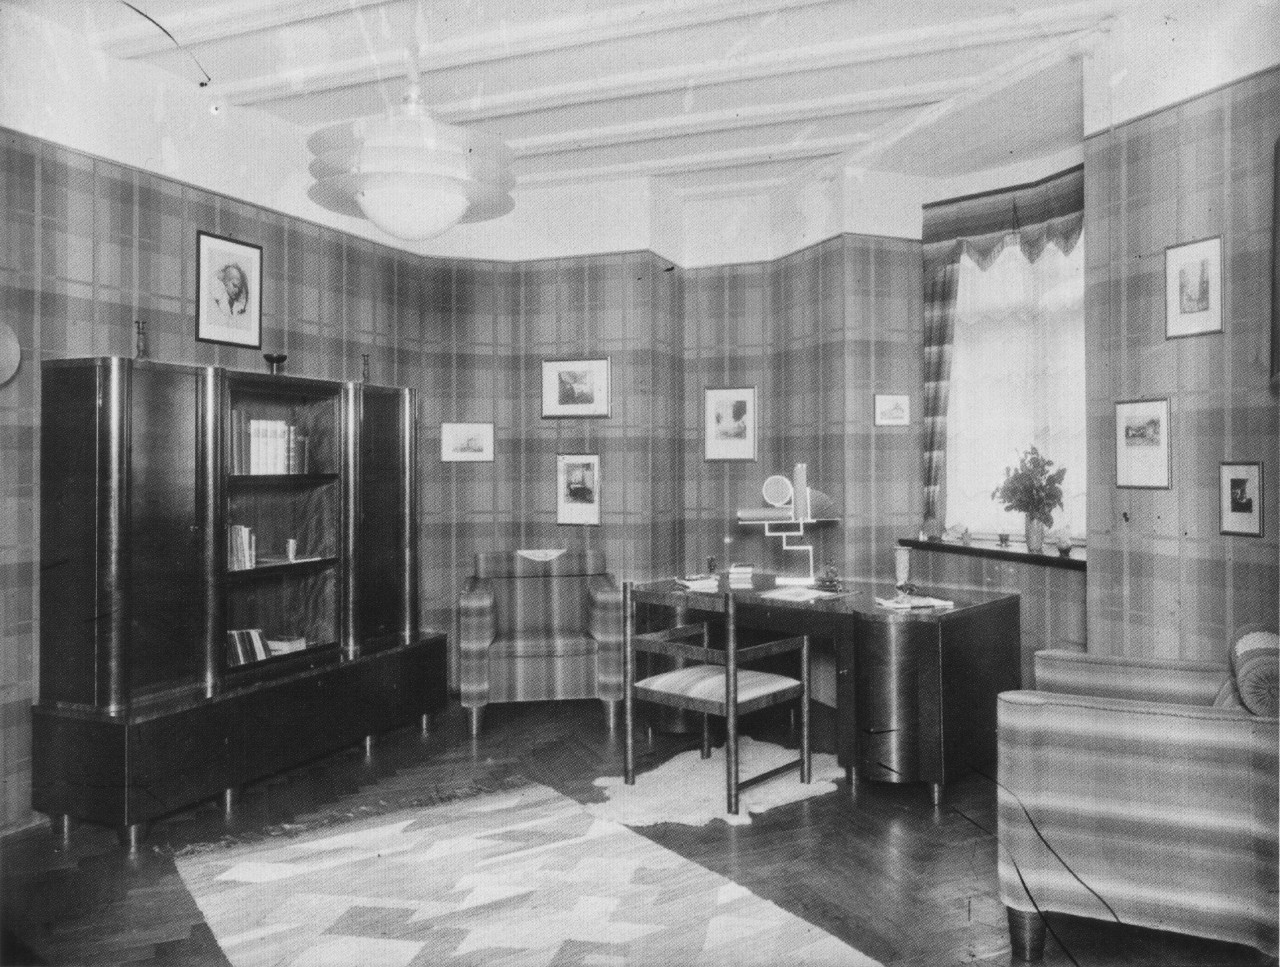 File:AHW Wohnzimmer moderne Gestaltung um 1925.jpg ...